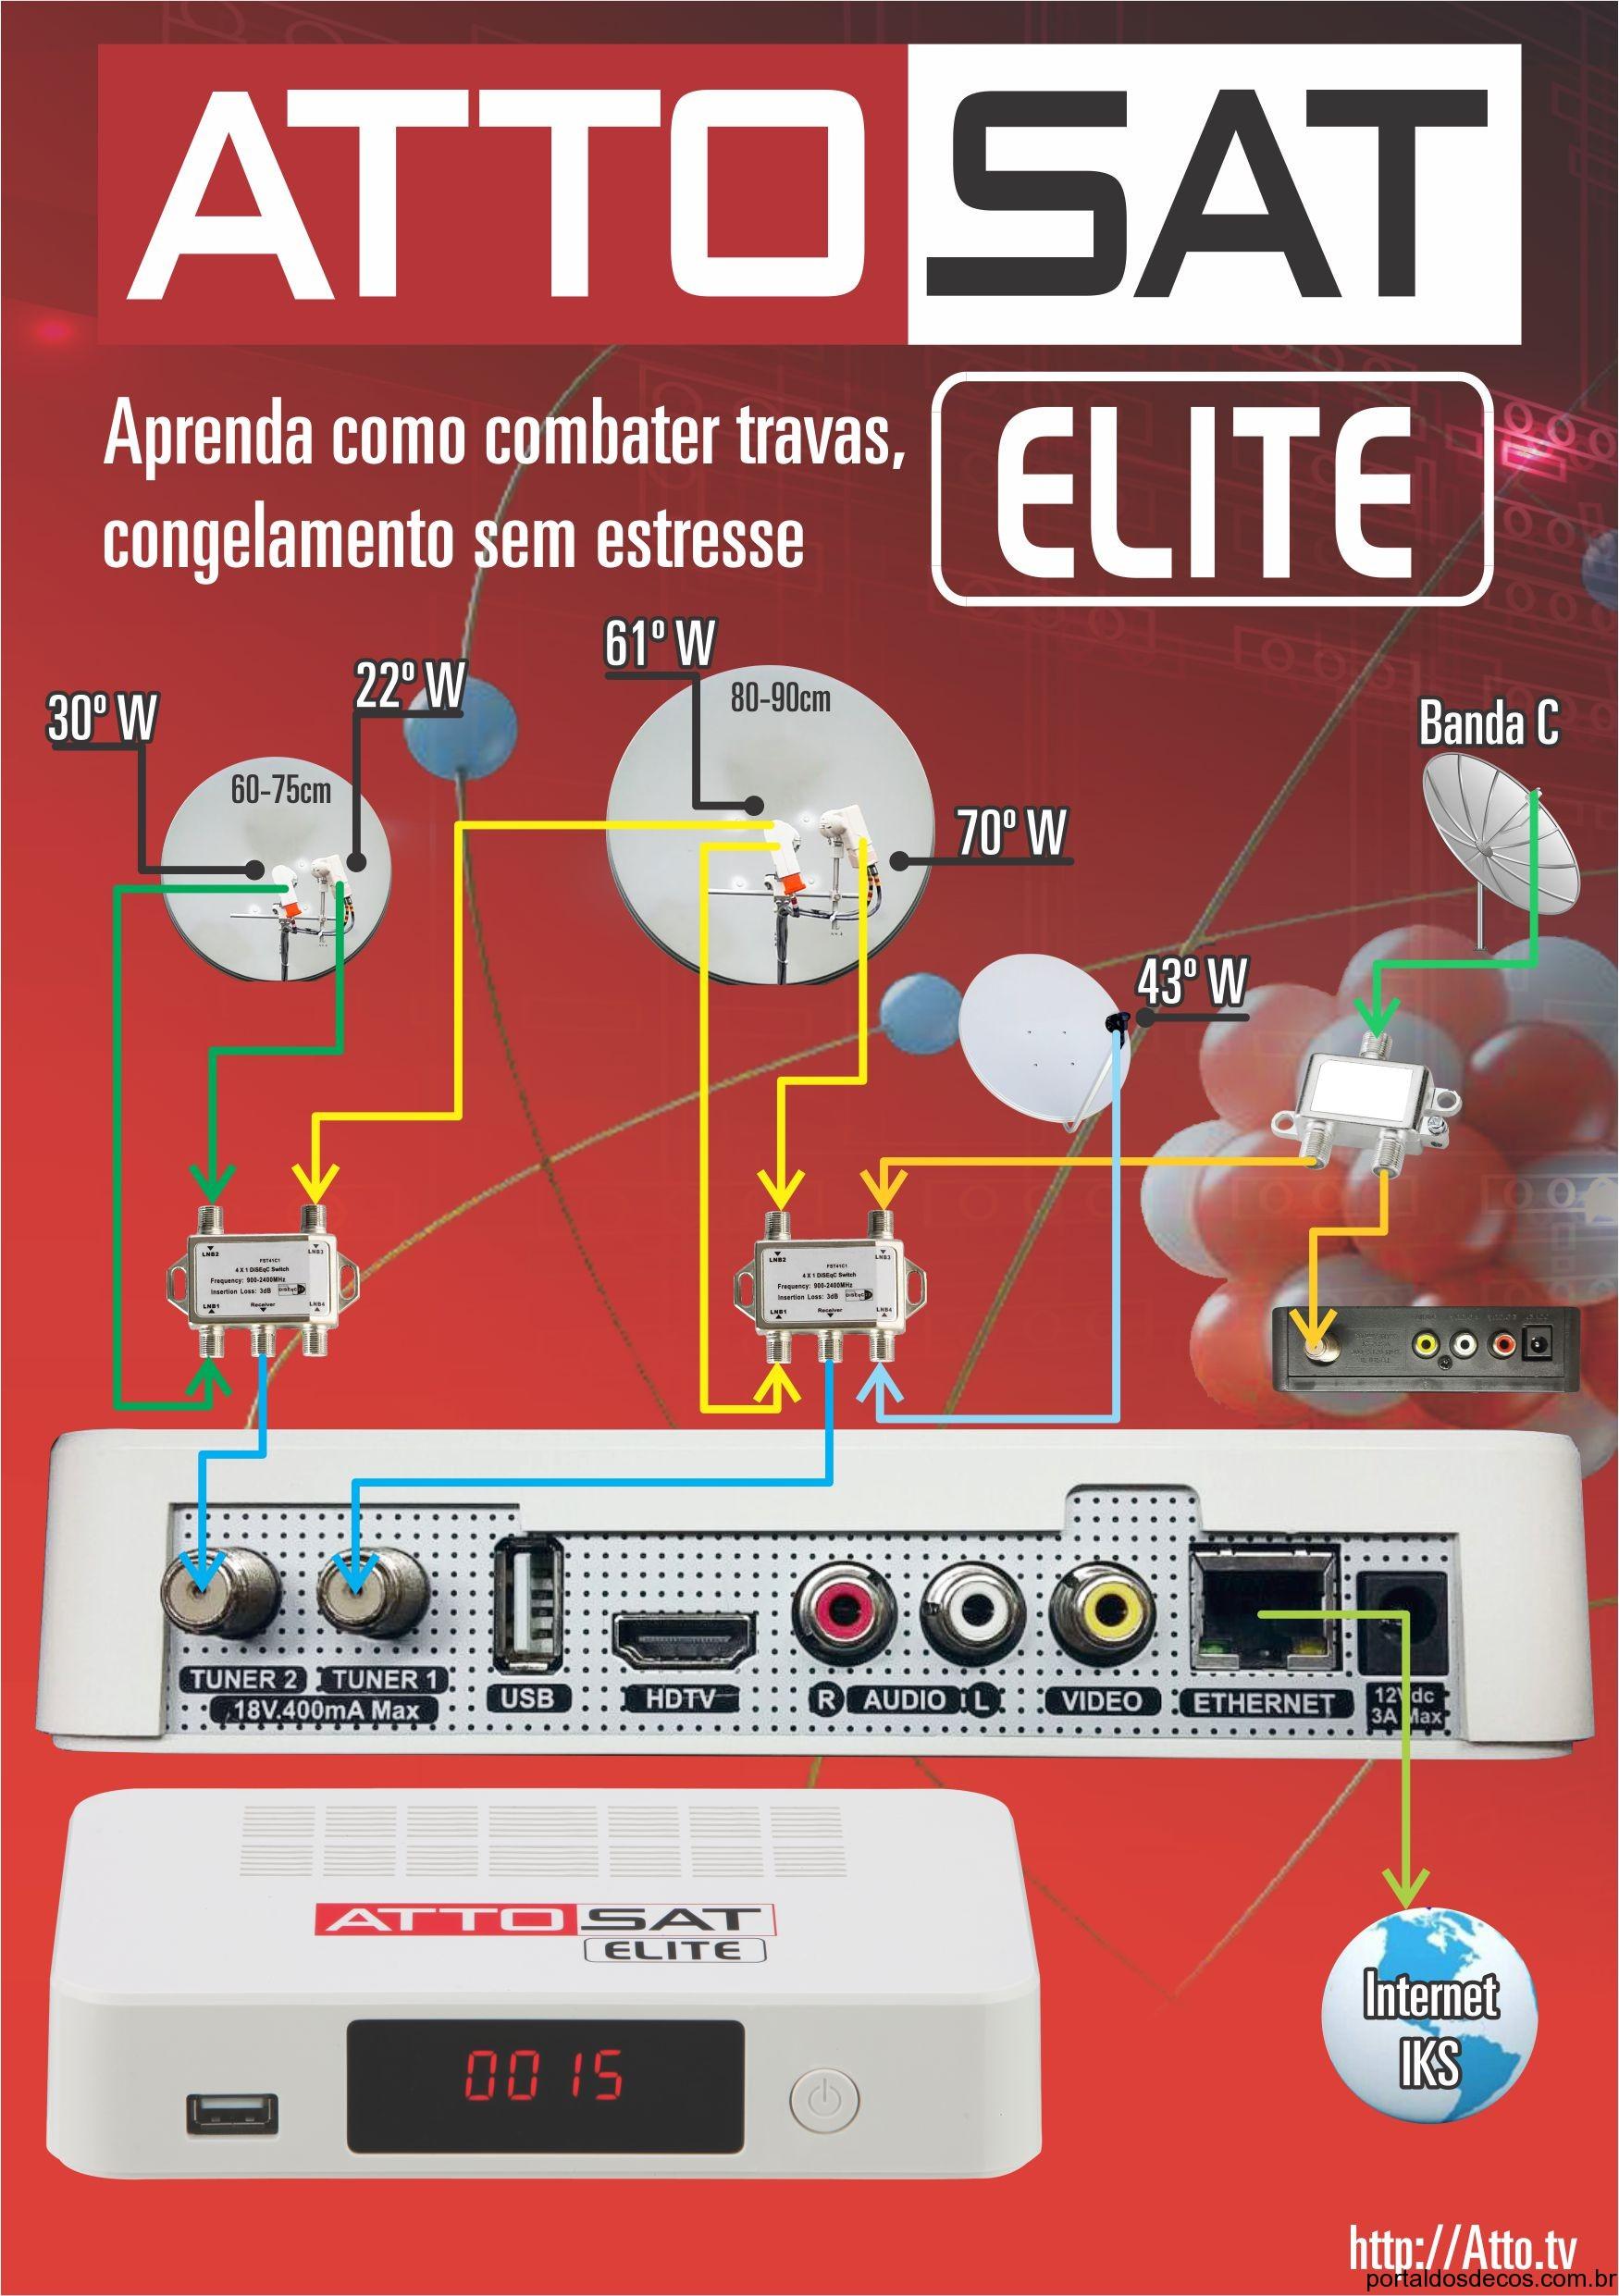 Atto-SAT-Elite_Sem-Travas-1080